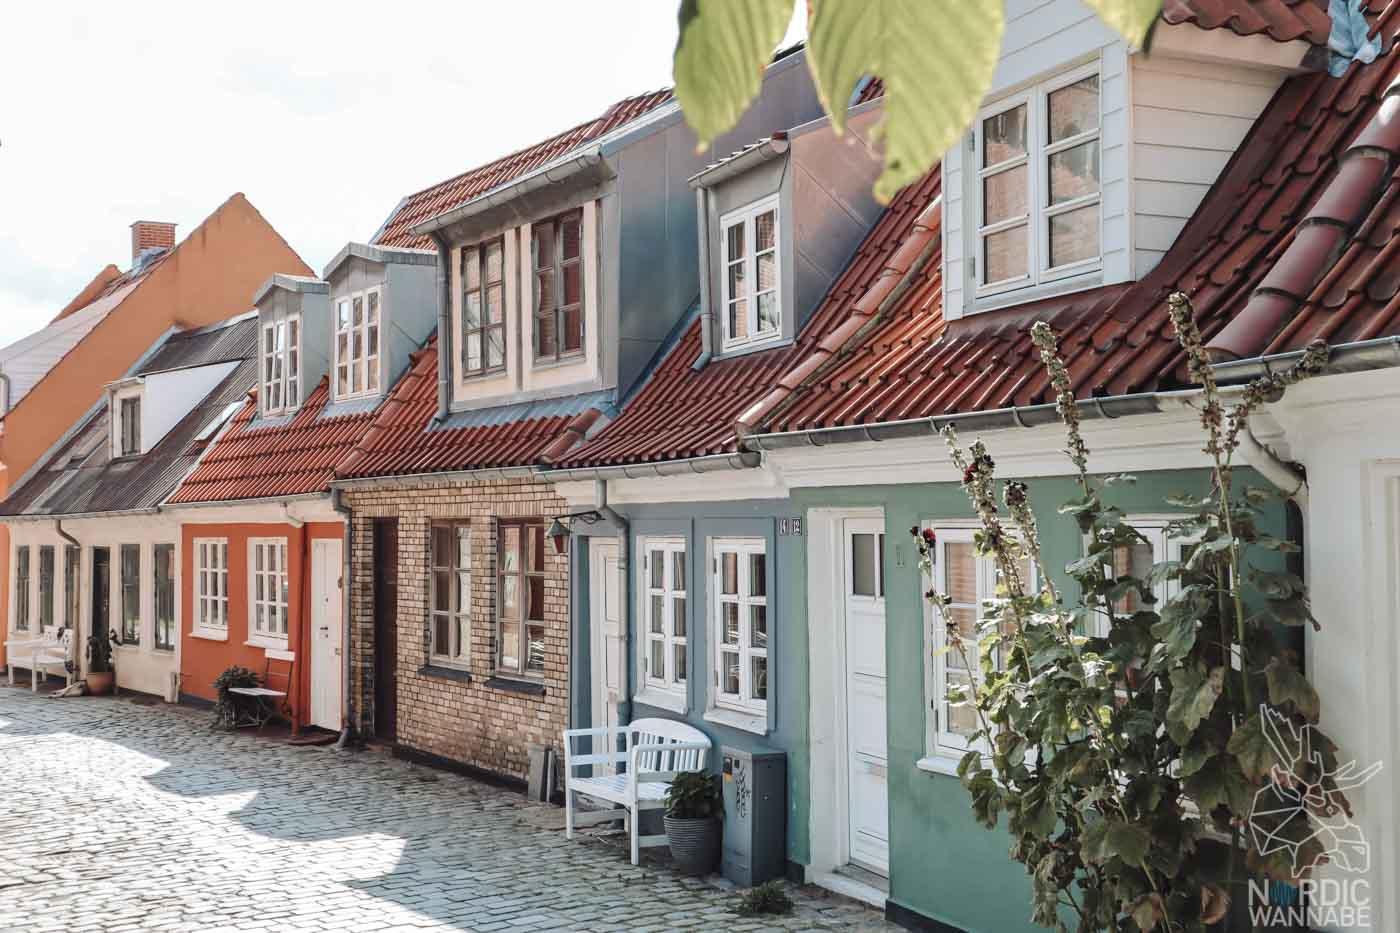 Aalborg Dänemark, Aalborg, Wohnmobil Dänemark, Streetfood